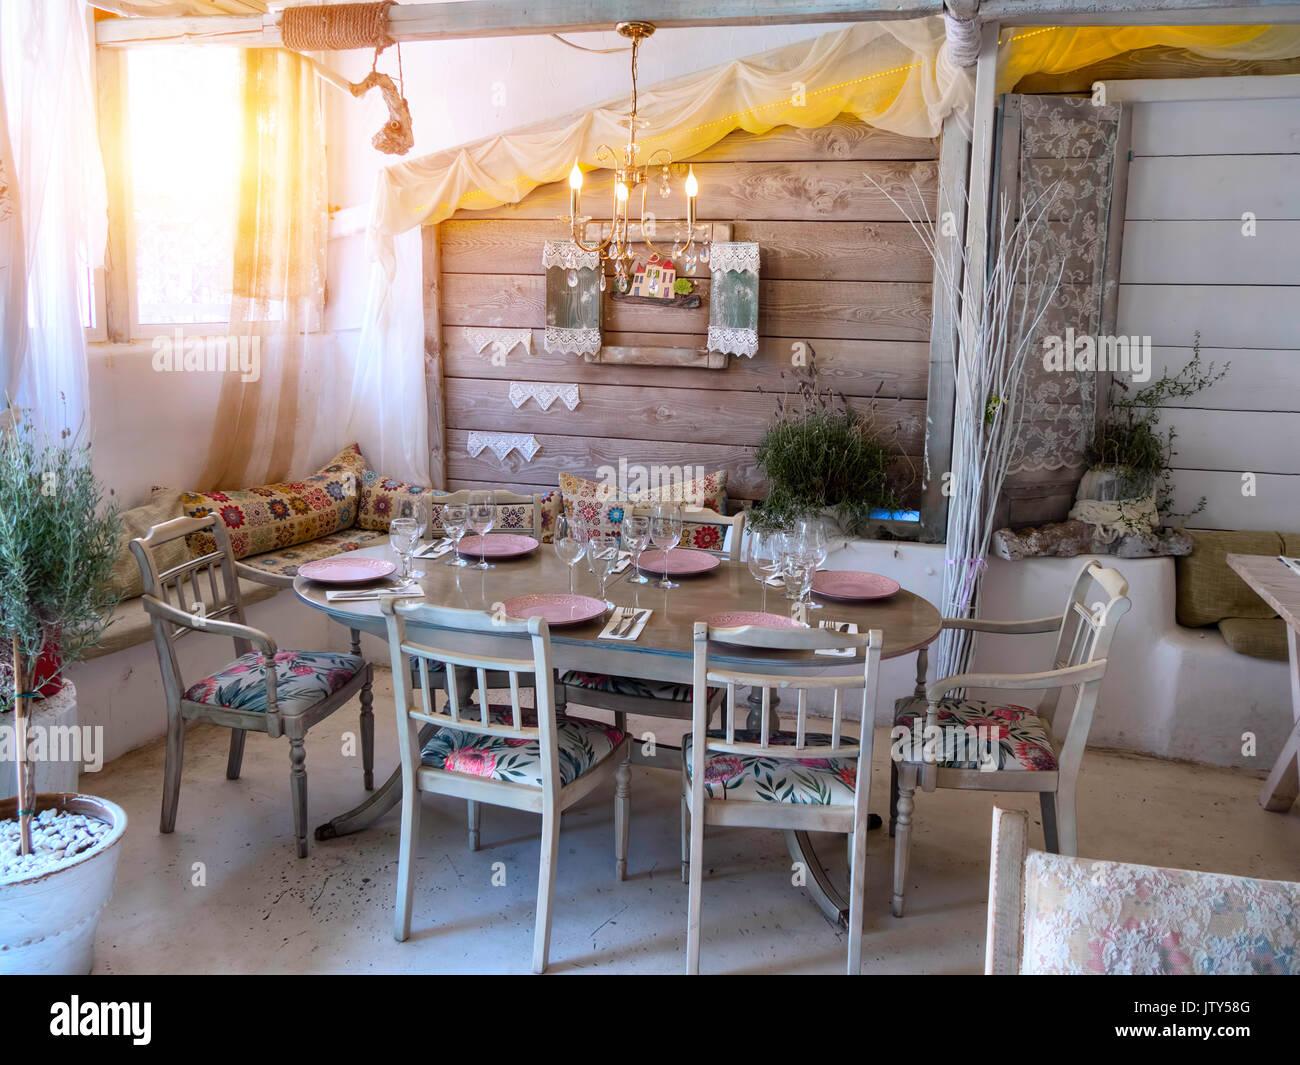 Sala Da Pranzo Rustica : Una piccola sala da pranzo in una casa rustica in un vecchio stile